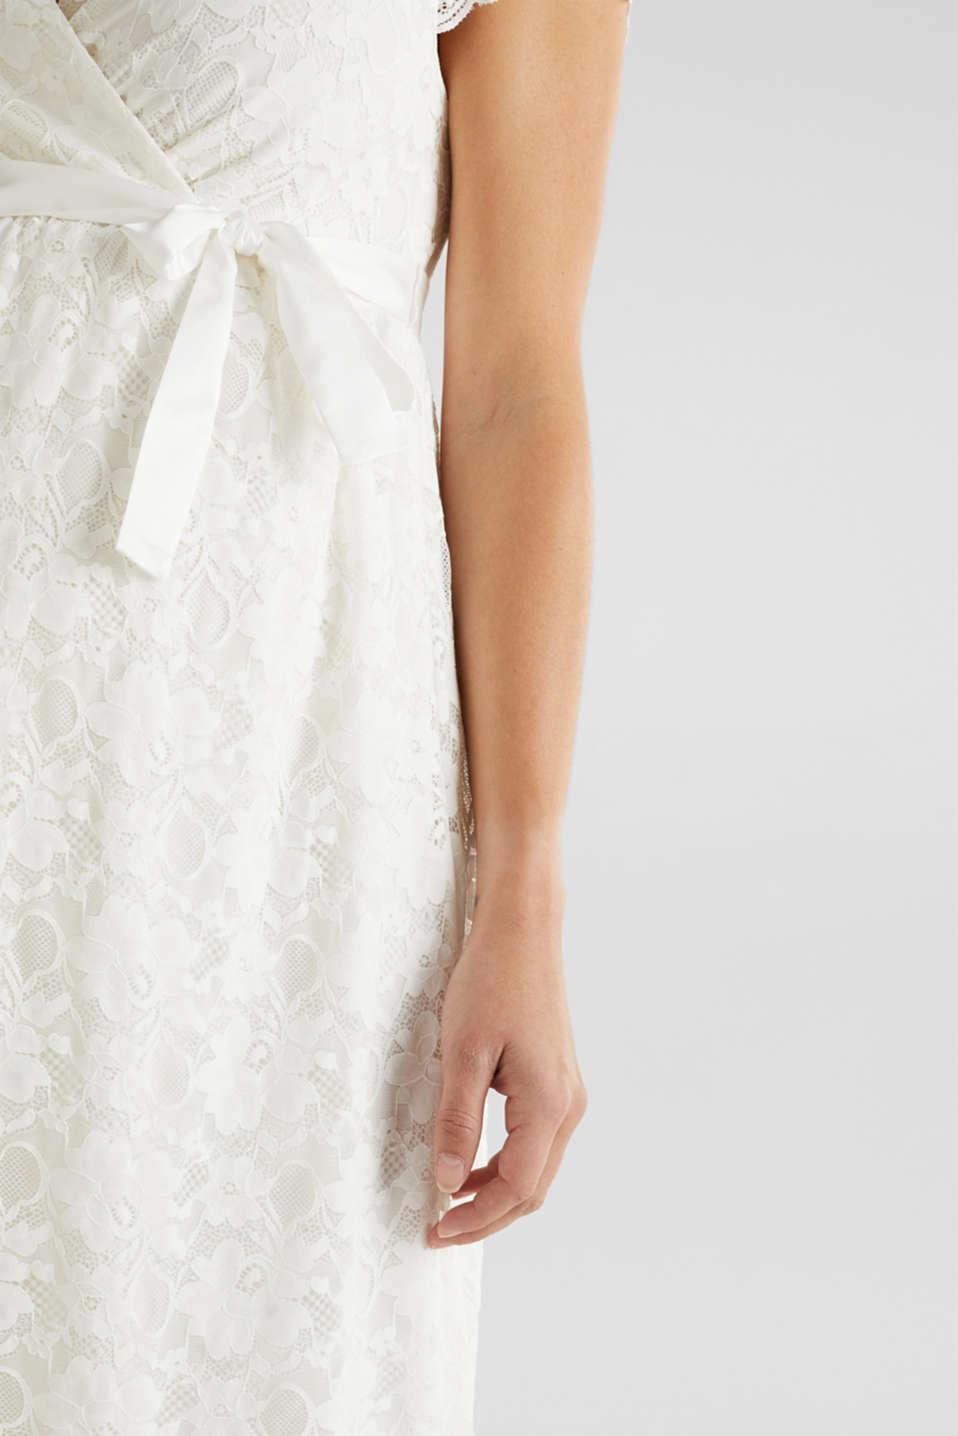 Nursing wedding dress, LCOFF WHITE, detail image number 2